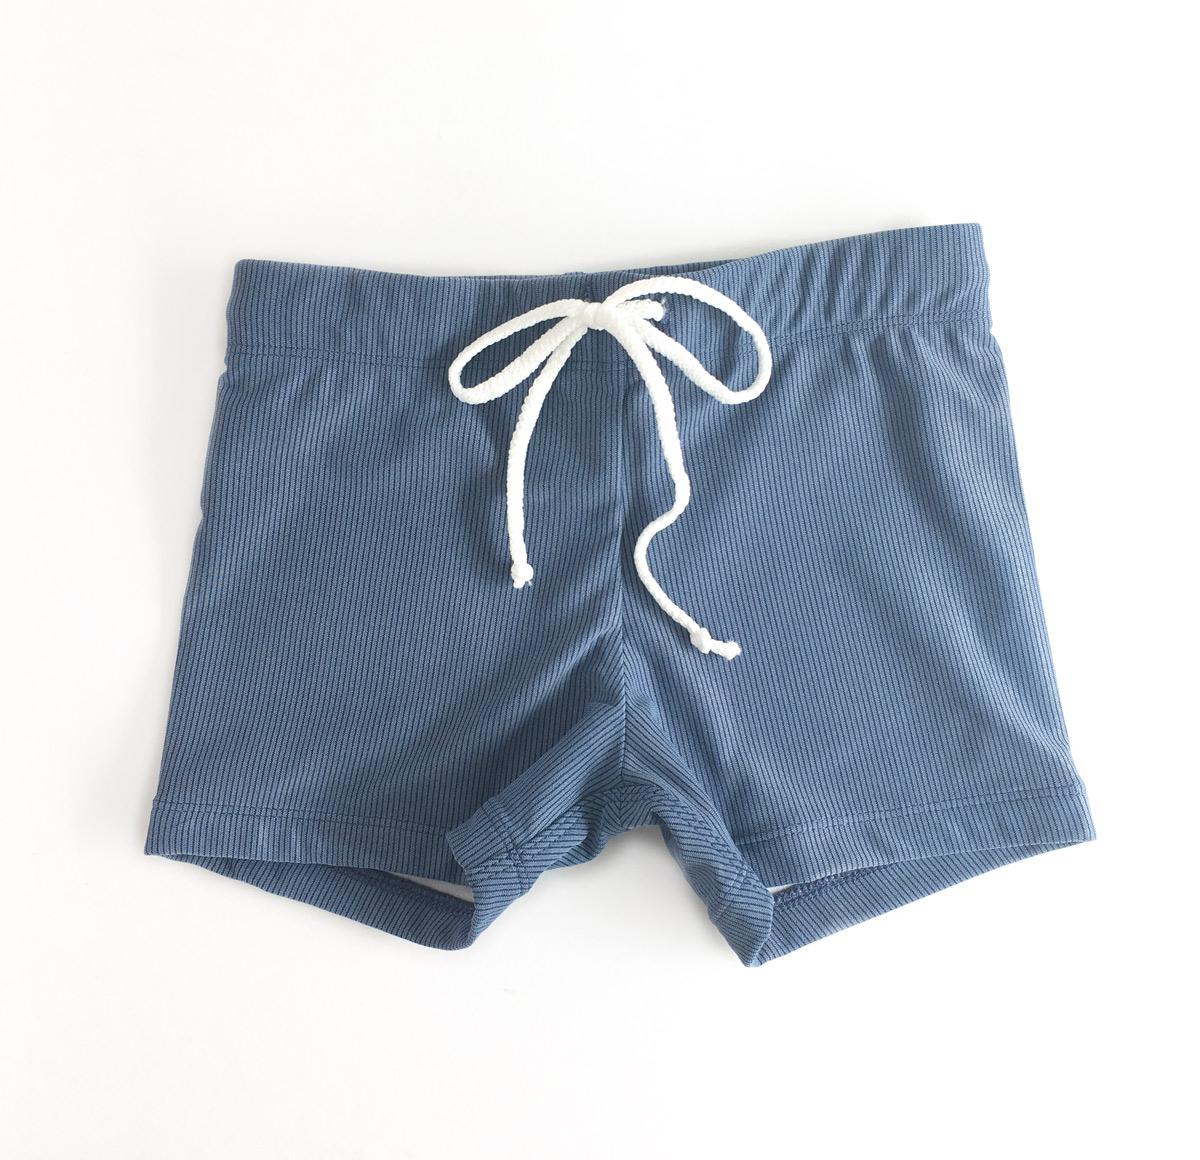 f8afef63feaf0 Big Boys Swimming Trunks in Blue Marle (6-12yr) - The Bathers ...